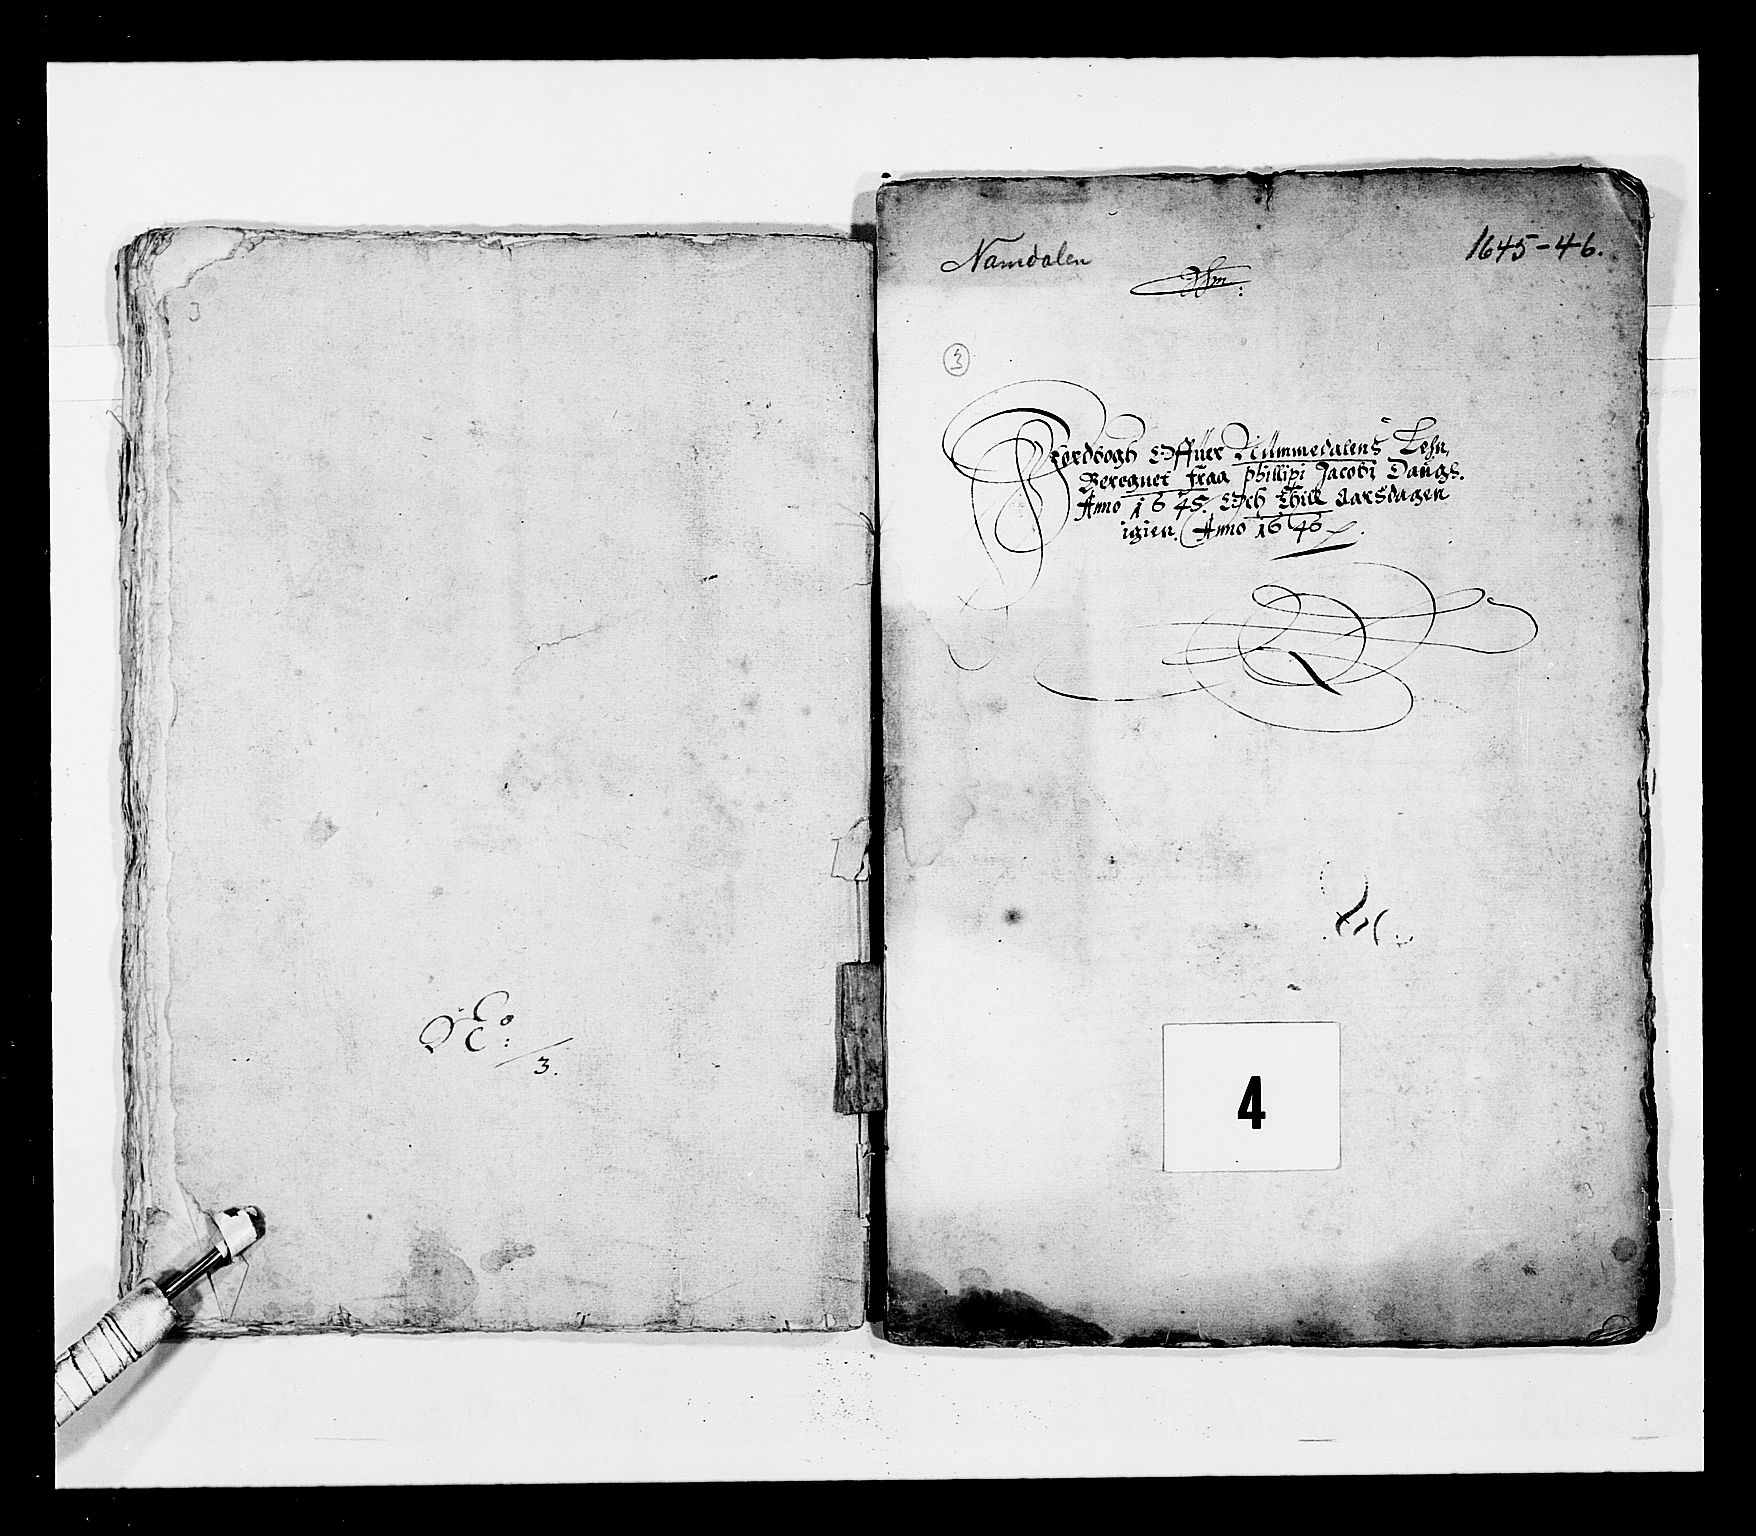 RA, Stattholderembetet 1572-1771, Ek/L0028: Jordebøker 1633-1658:, 1645-1646, s. 81